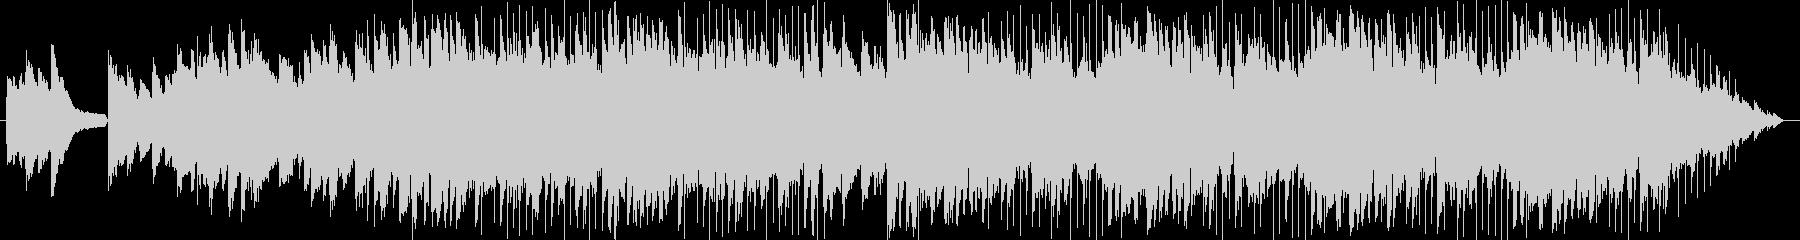 切ないエレキとピアノの未再生の波形